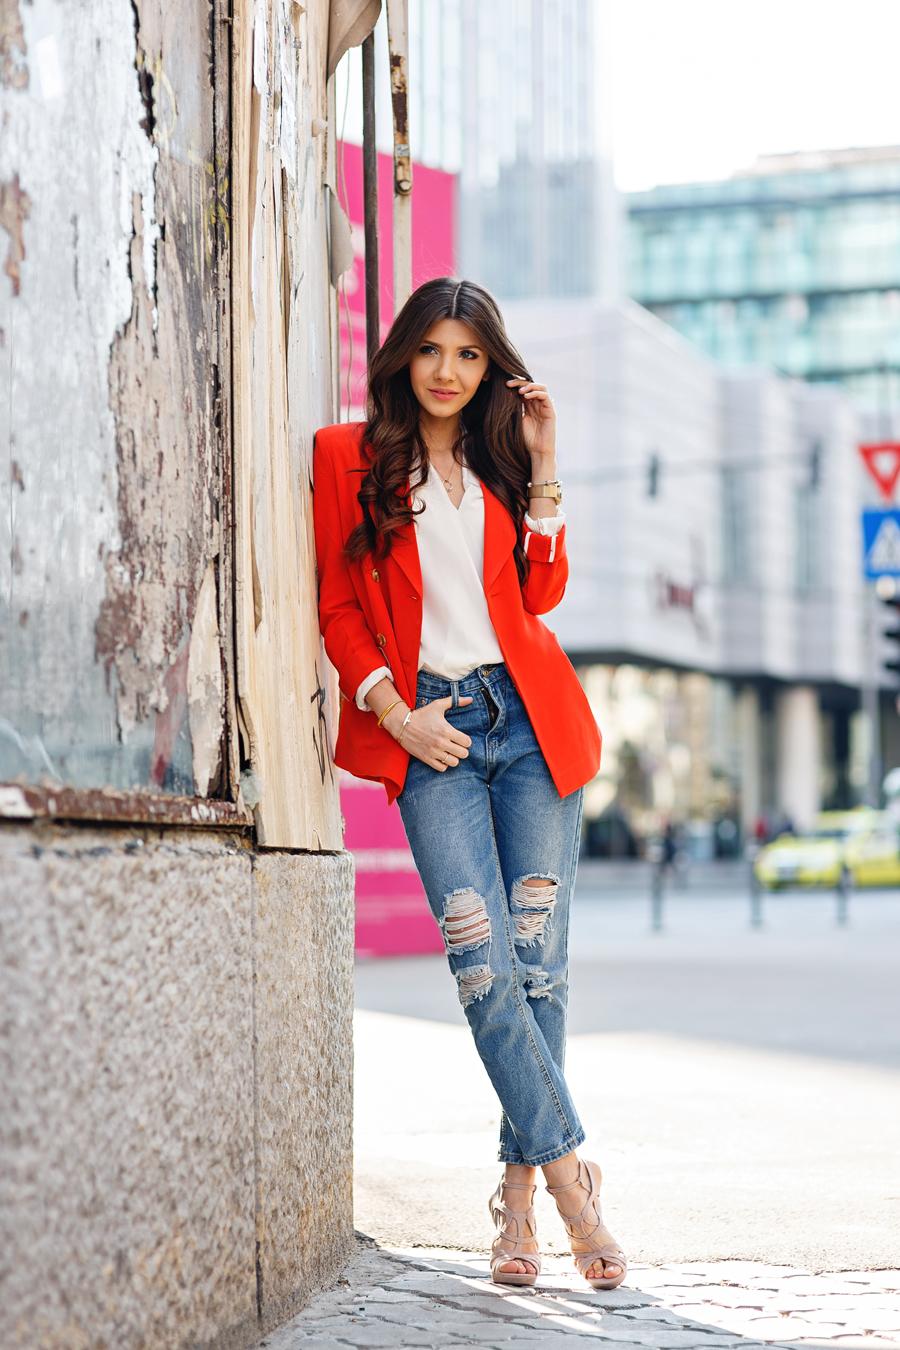 Fashion week How to orange wear blazer for lady